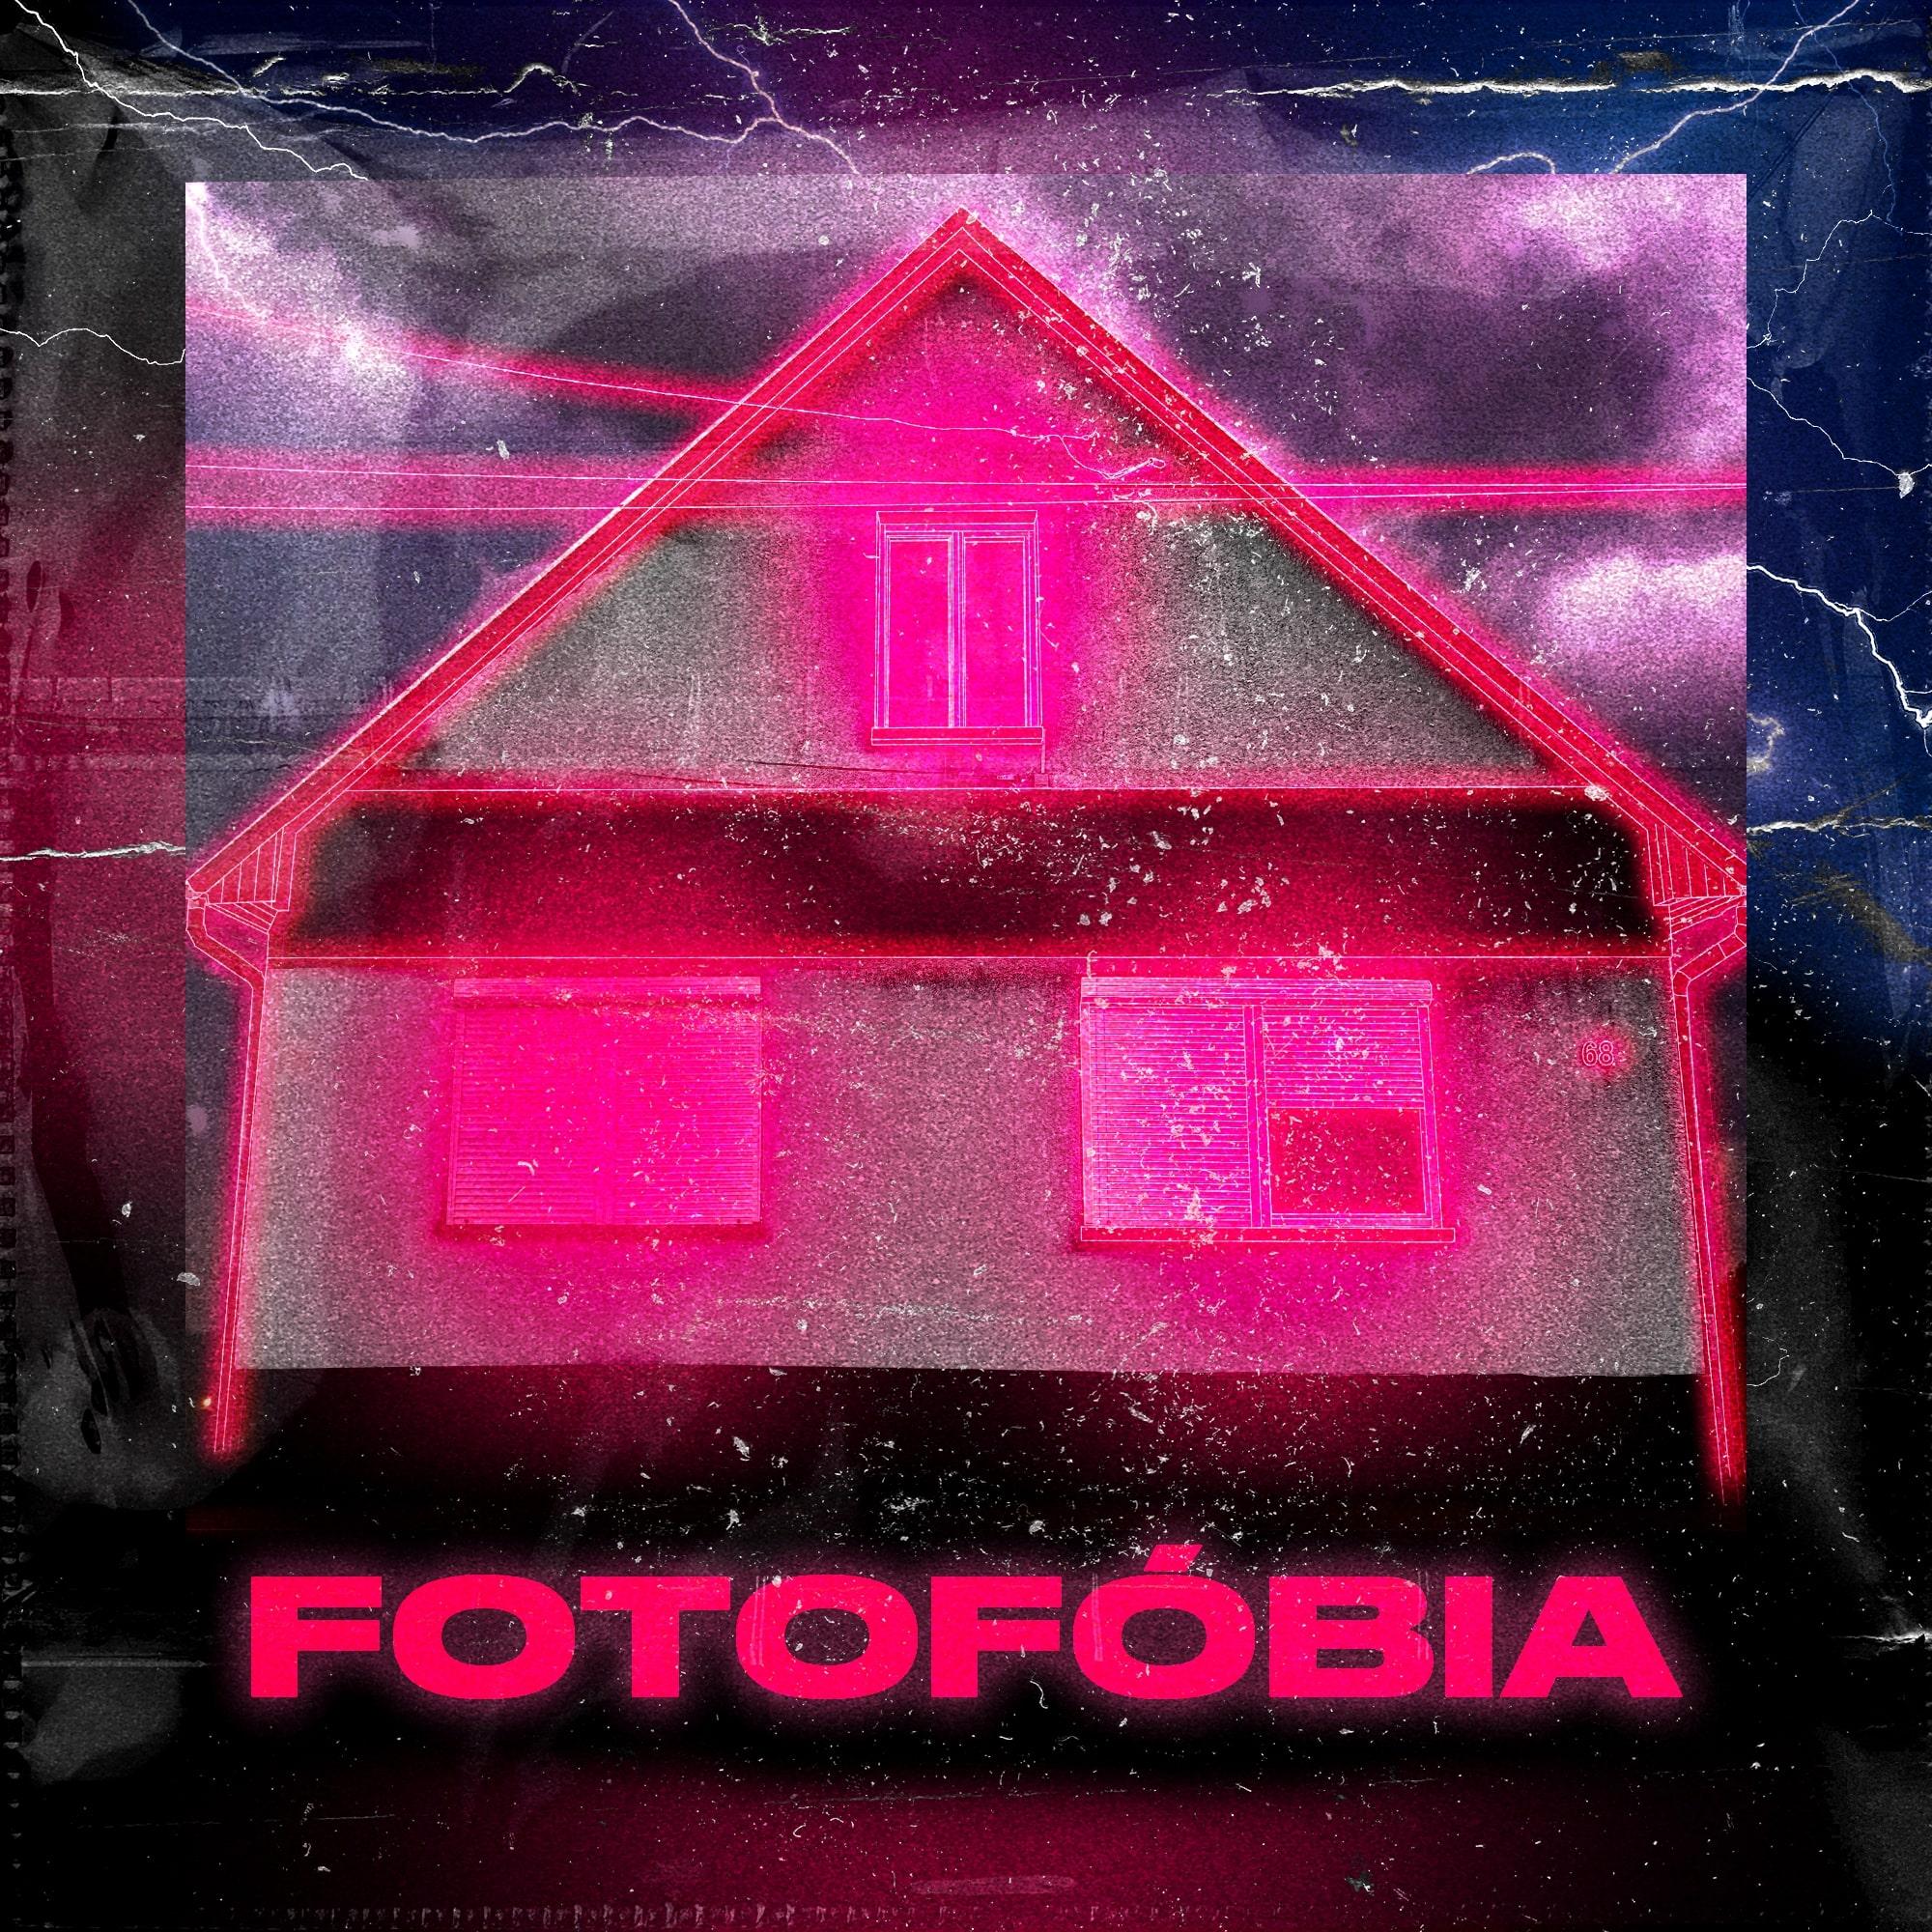 fotofobia_cover_v03.jpg